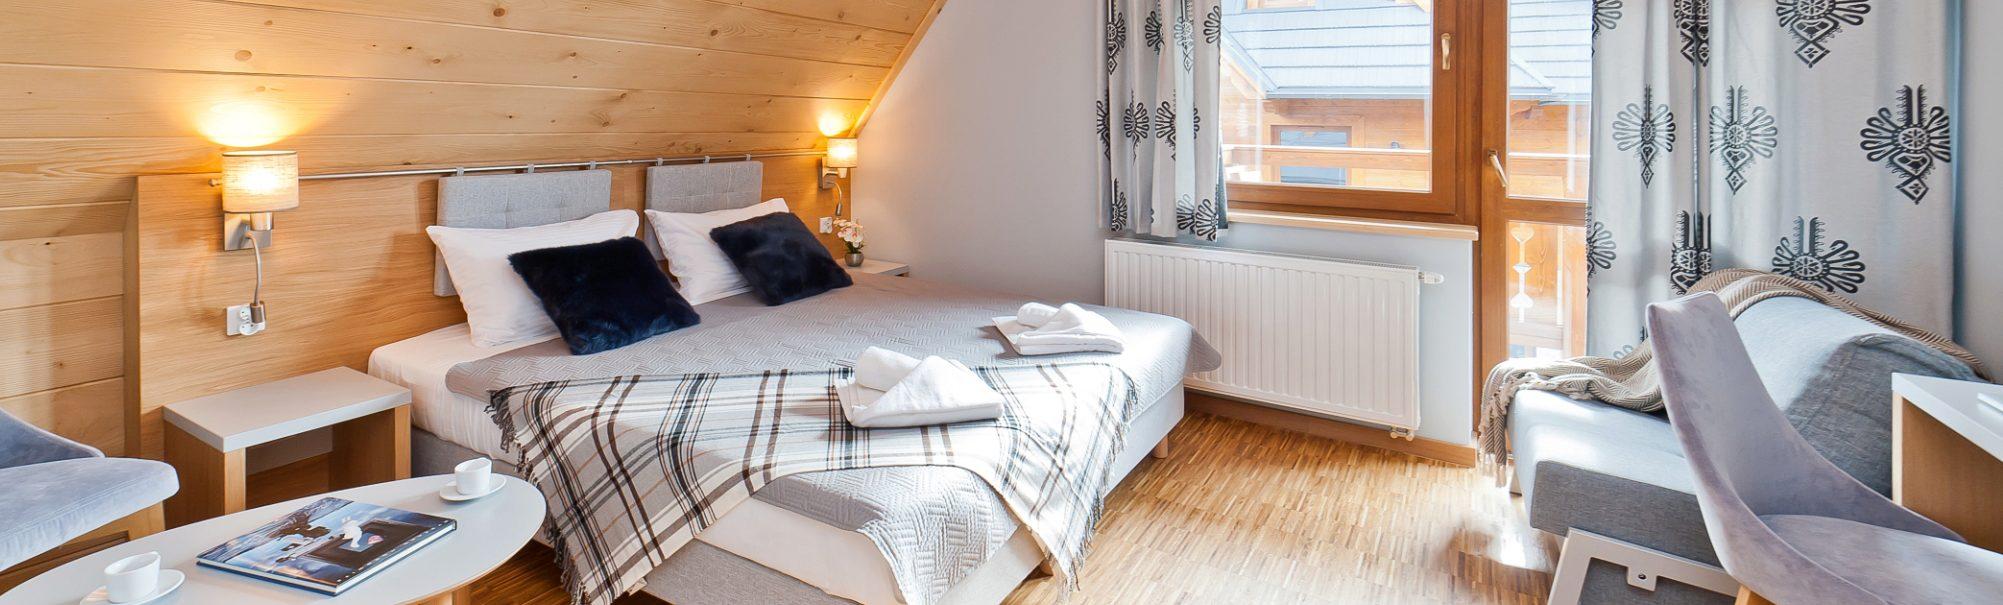 Apartamenty Sun&Snow Studio A 09 Zakopane - Resort